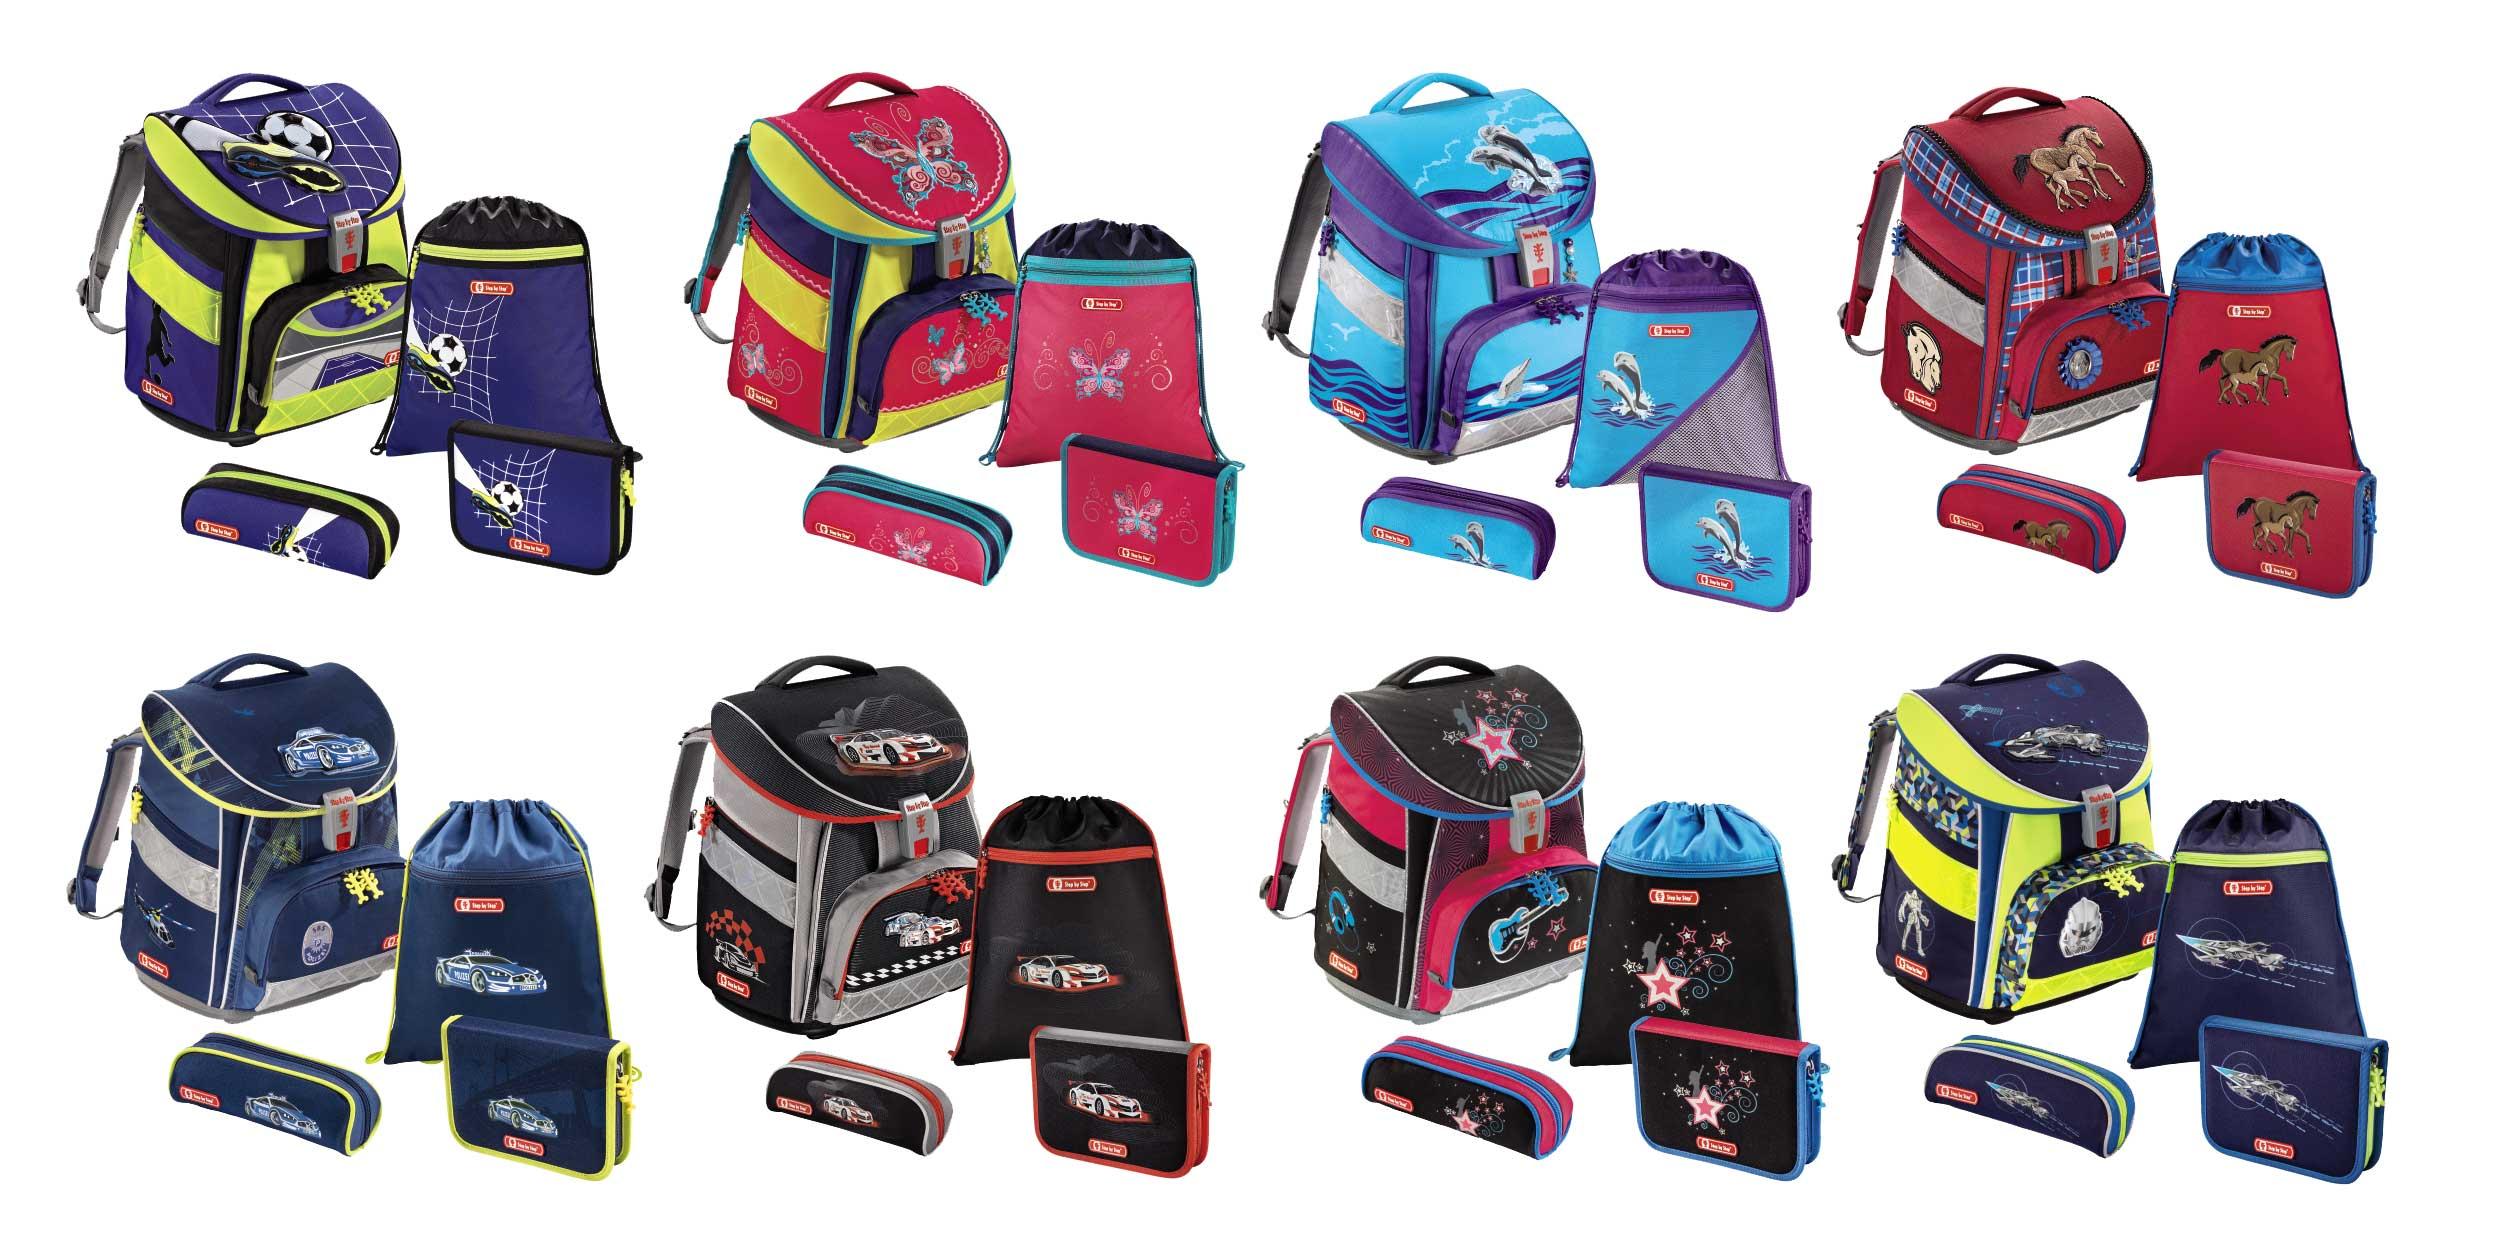 d2021889b1 Školské tašky sety predaj online eshop cena